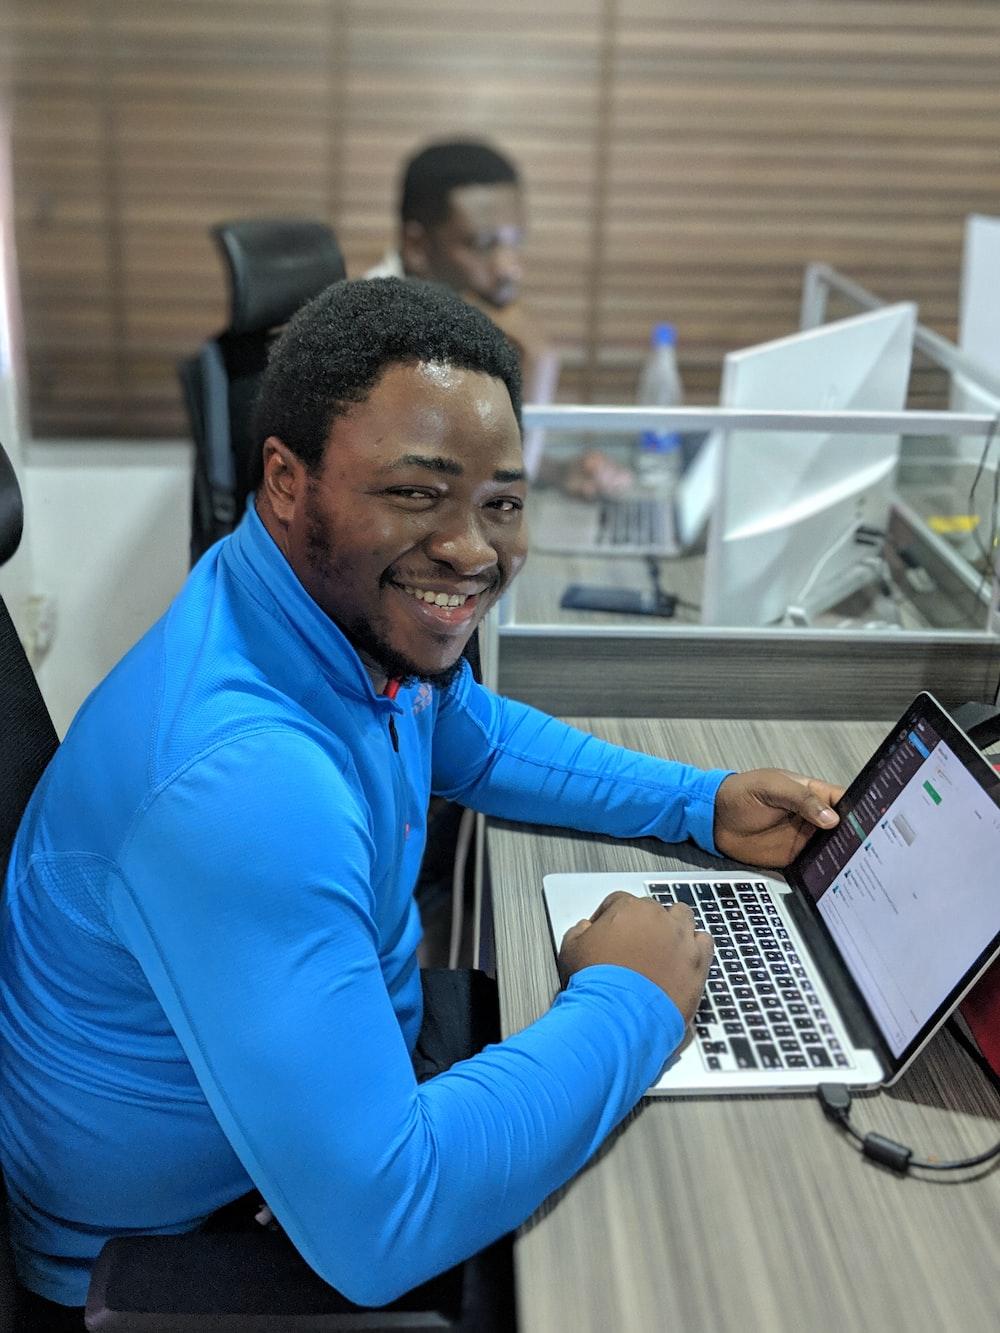 smiling man using laptop computer